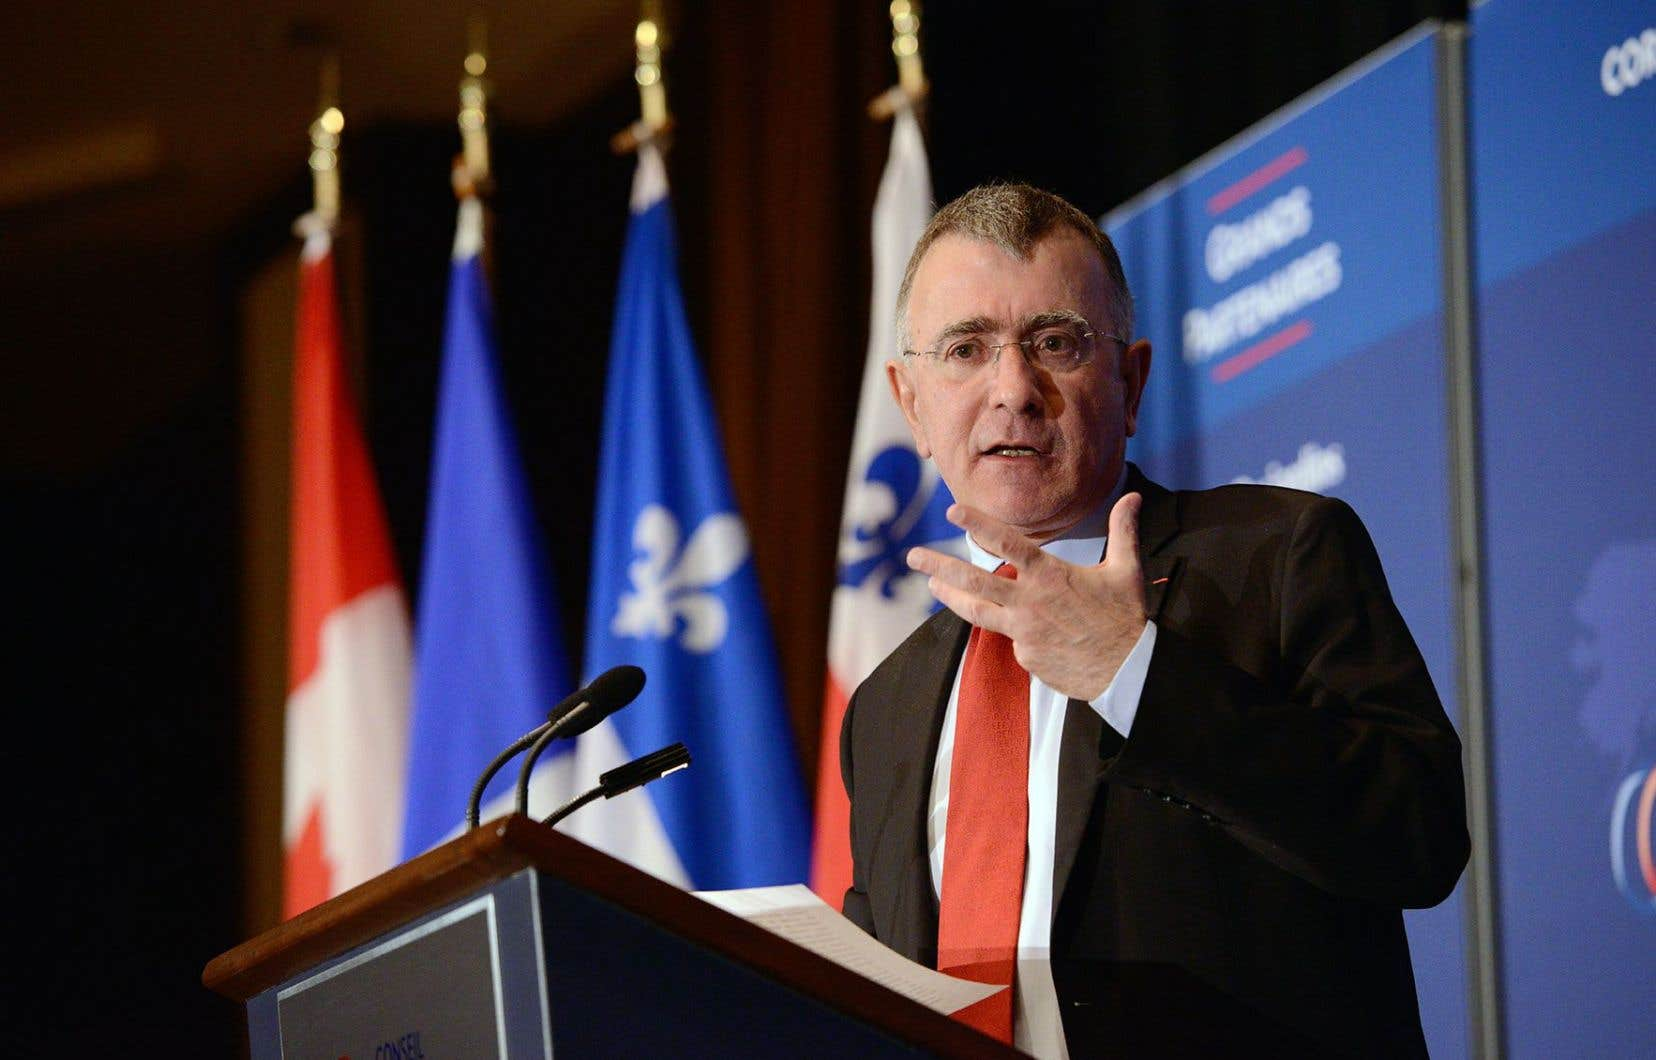 «Plus encore que la date de cette contribution, c'est le niveau d'ambition du Canada qui sera attentivement scruté [notamment] par d'autres États indécis», a fait valoir l'ambassadeur de France, Nicolas Chapuis.